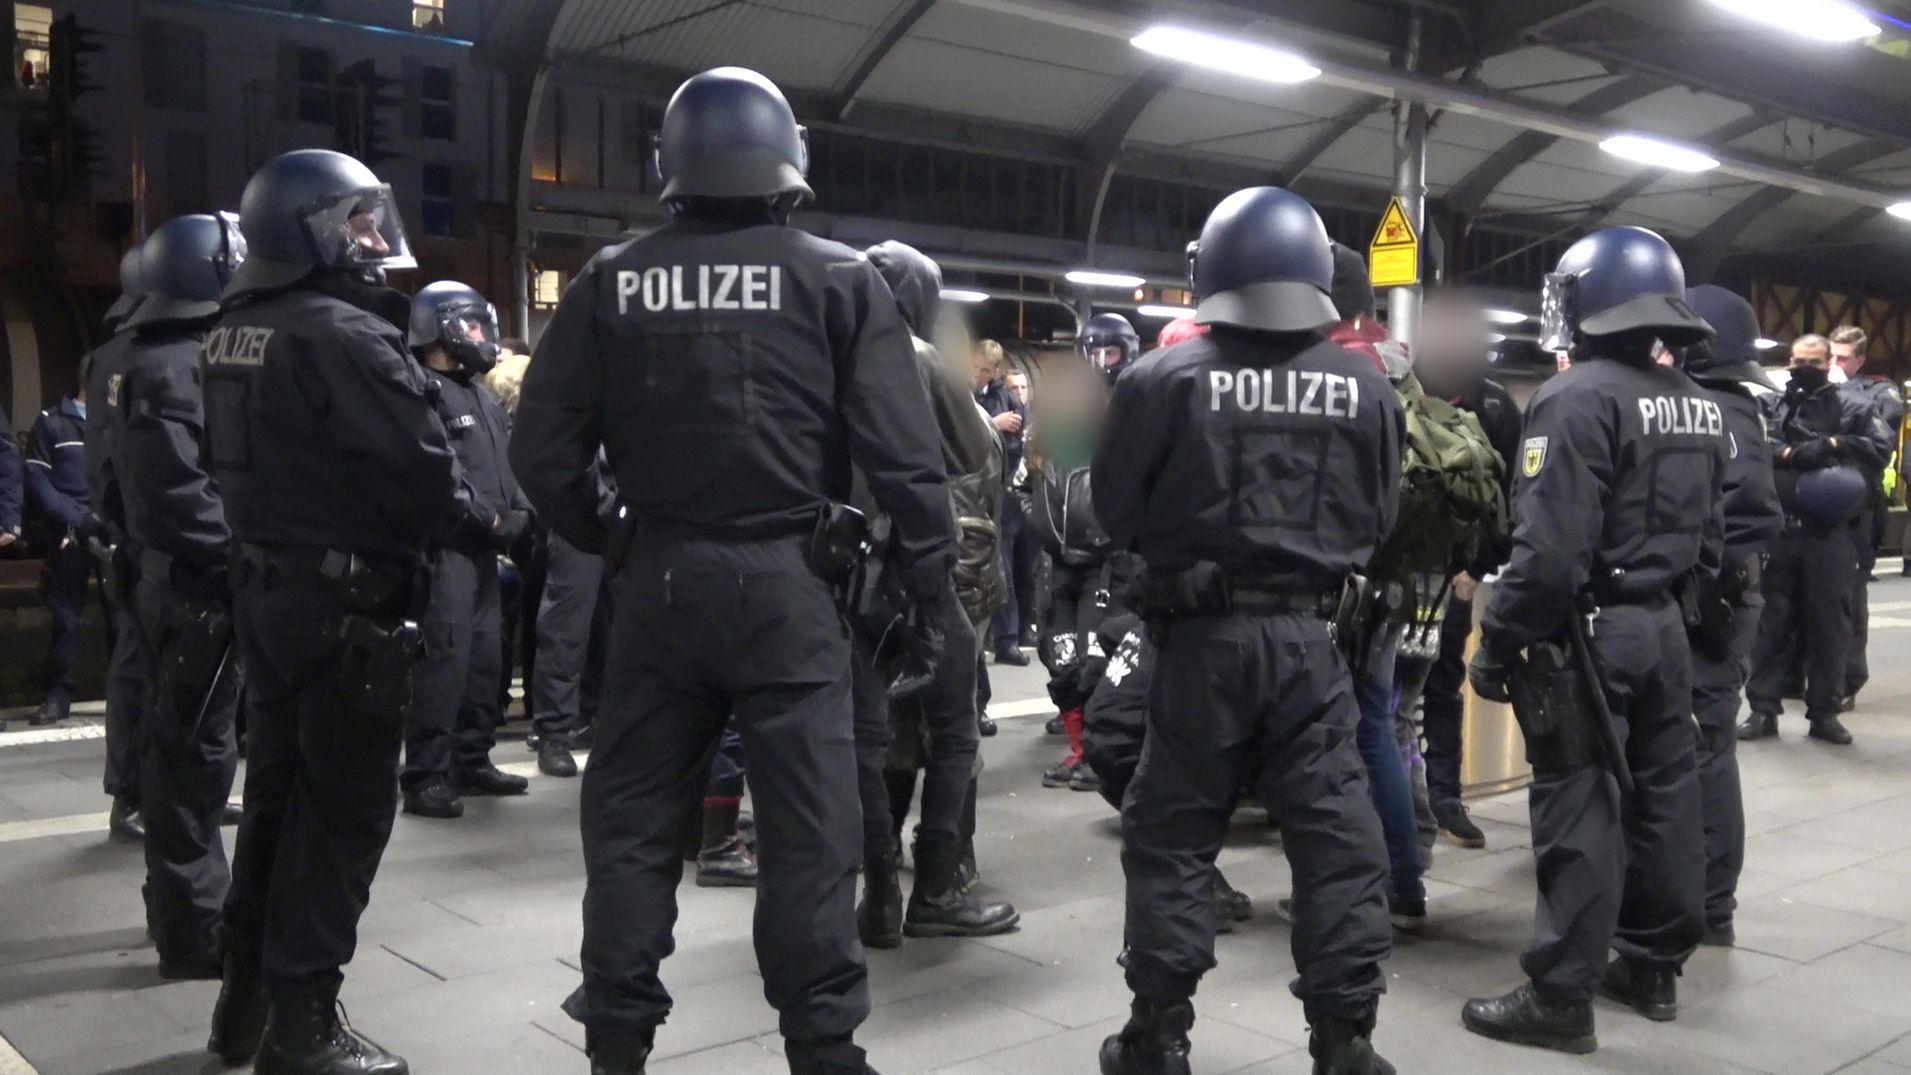 Polizisten umringen einige Personen auf einem Bahngleis am Hauptbahnhof in Bonn.